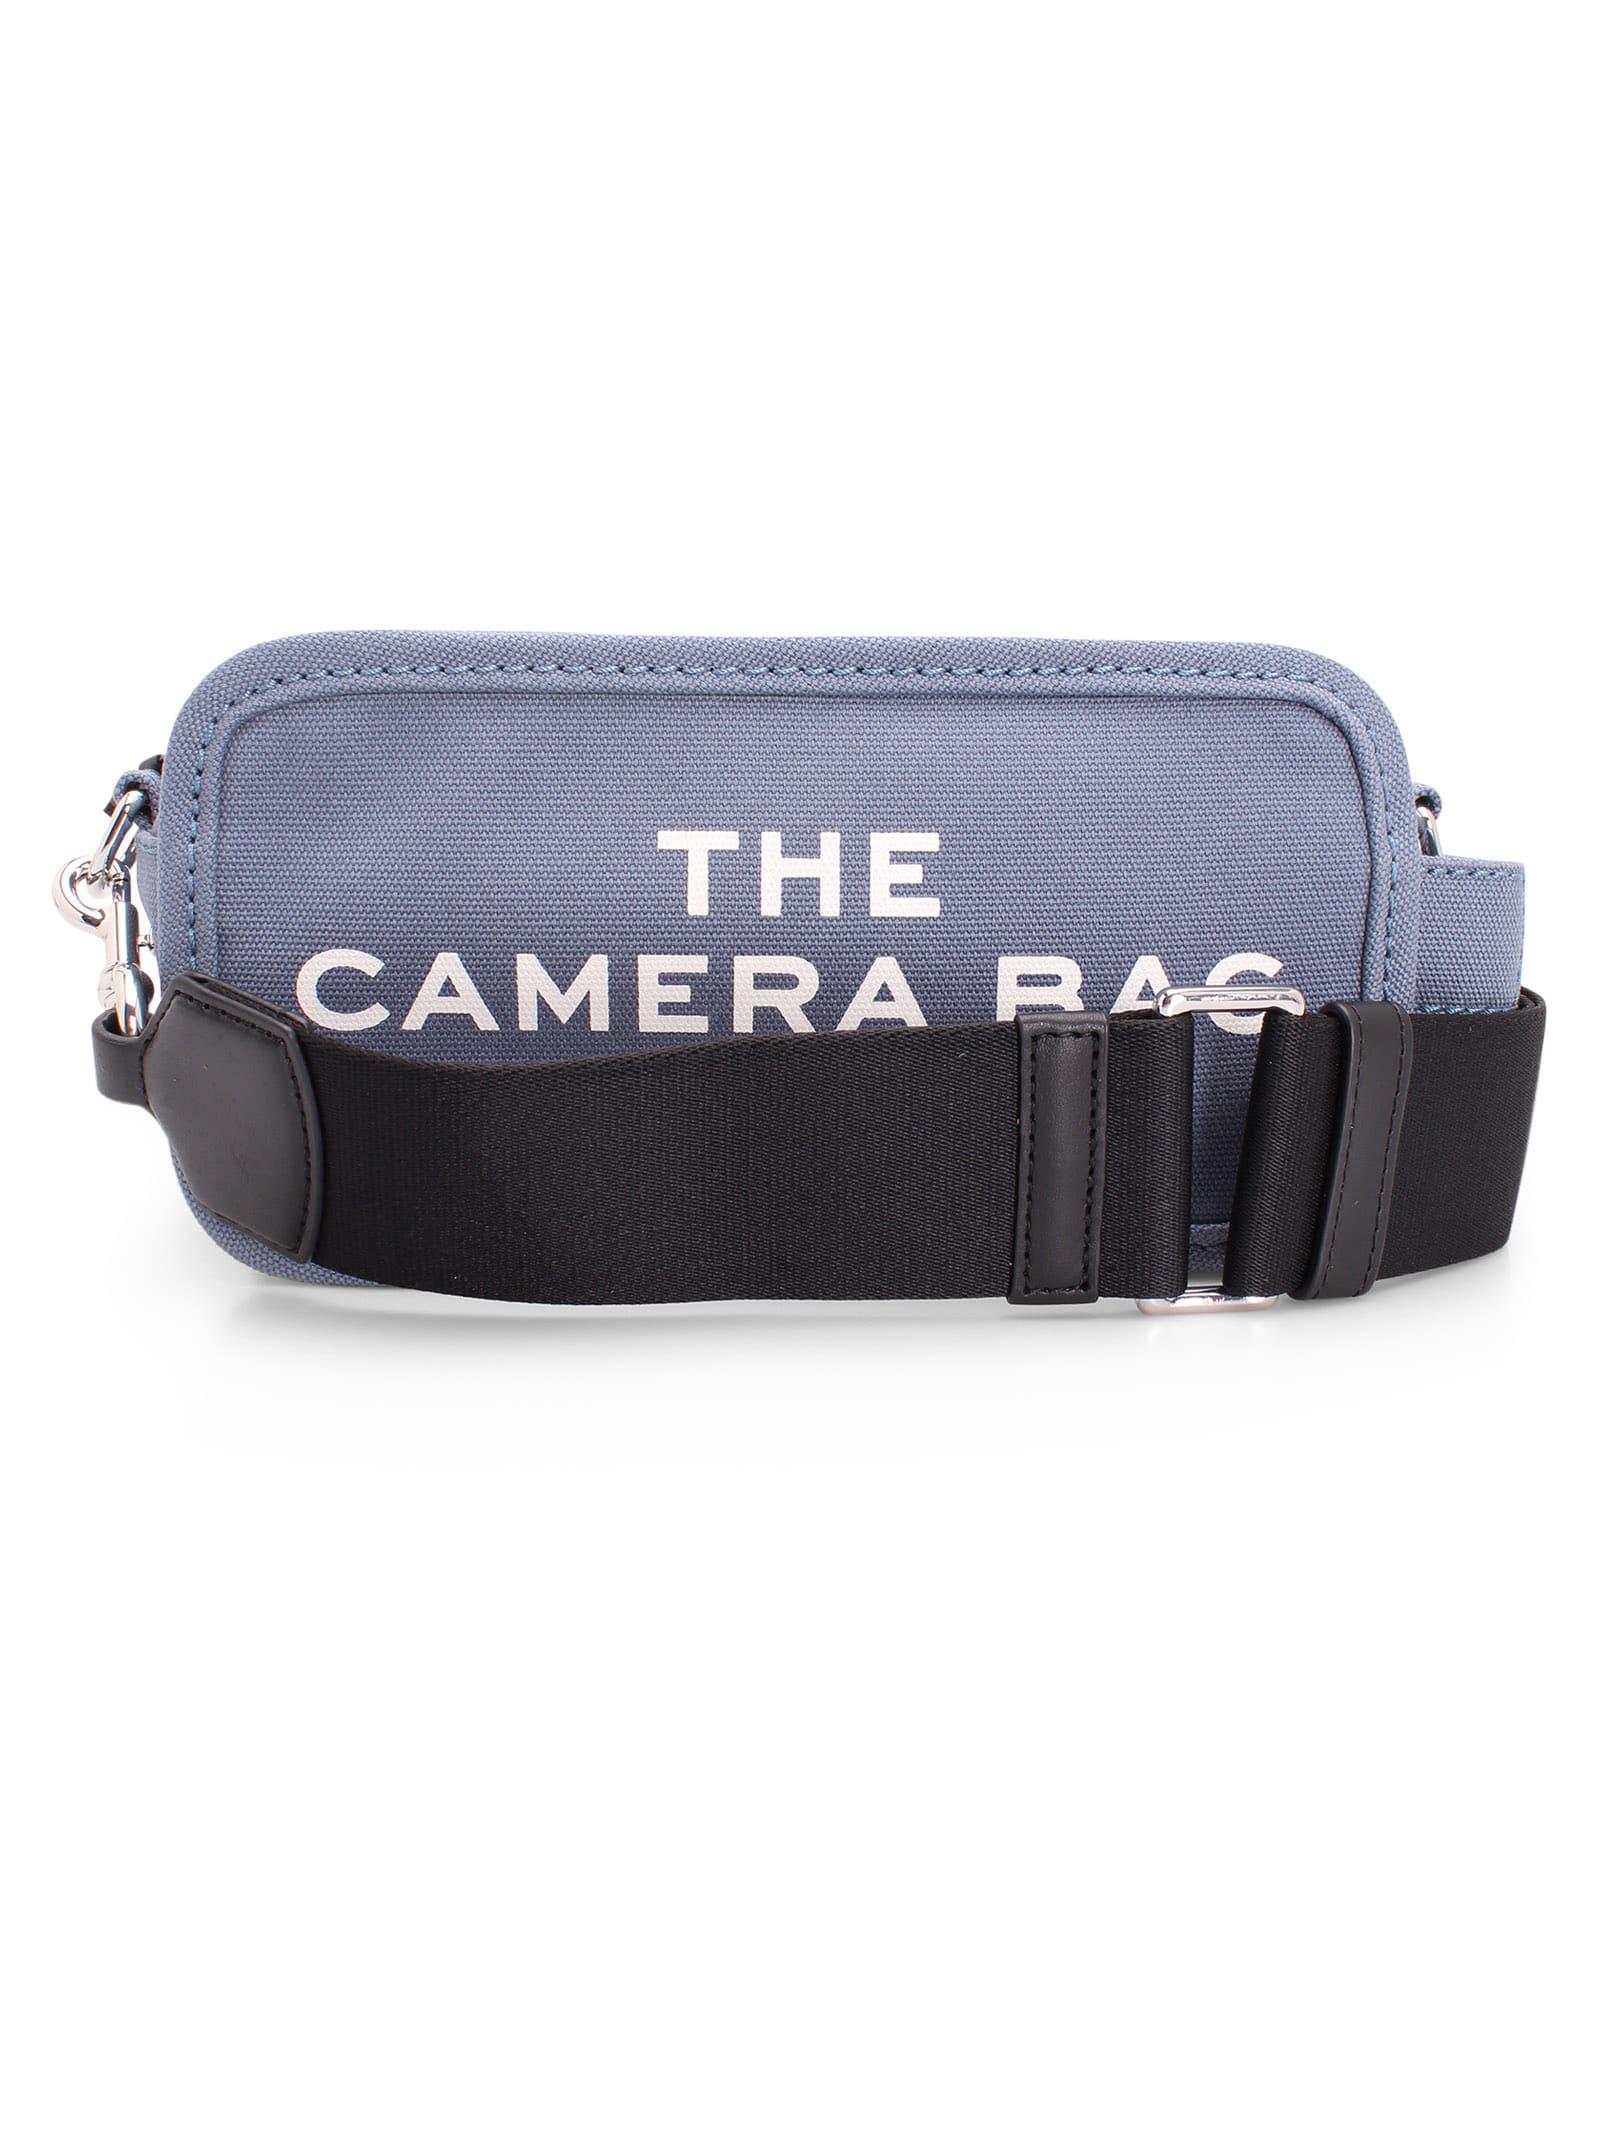 Marc Jacobs THE CAMERA BAG COTTON SHOULDER BAG